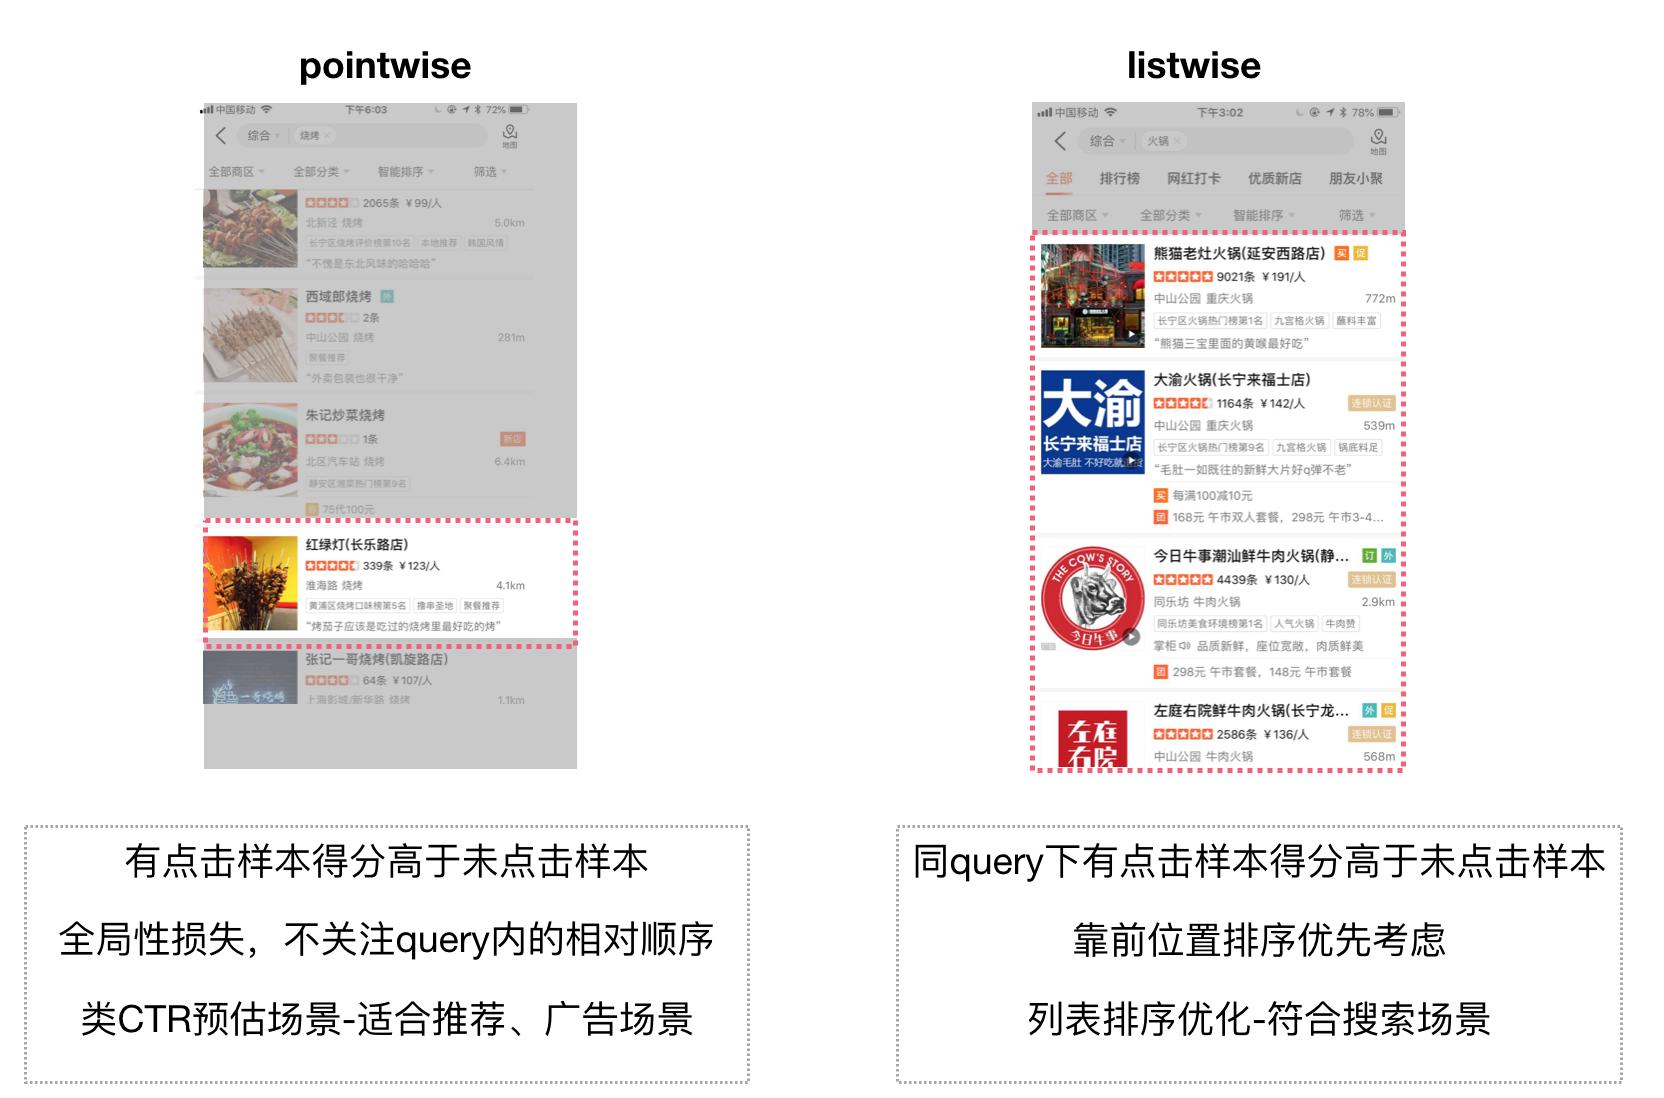 图9 Pointwise和Listwise优化目标的区别